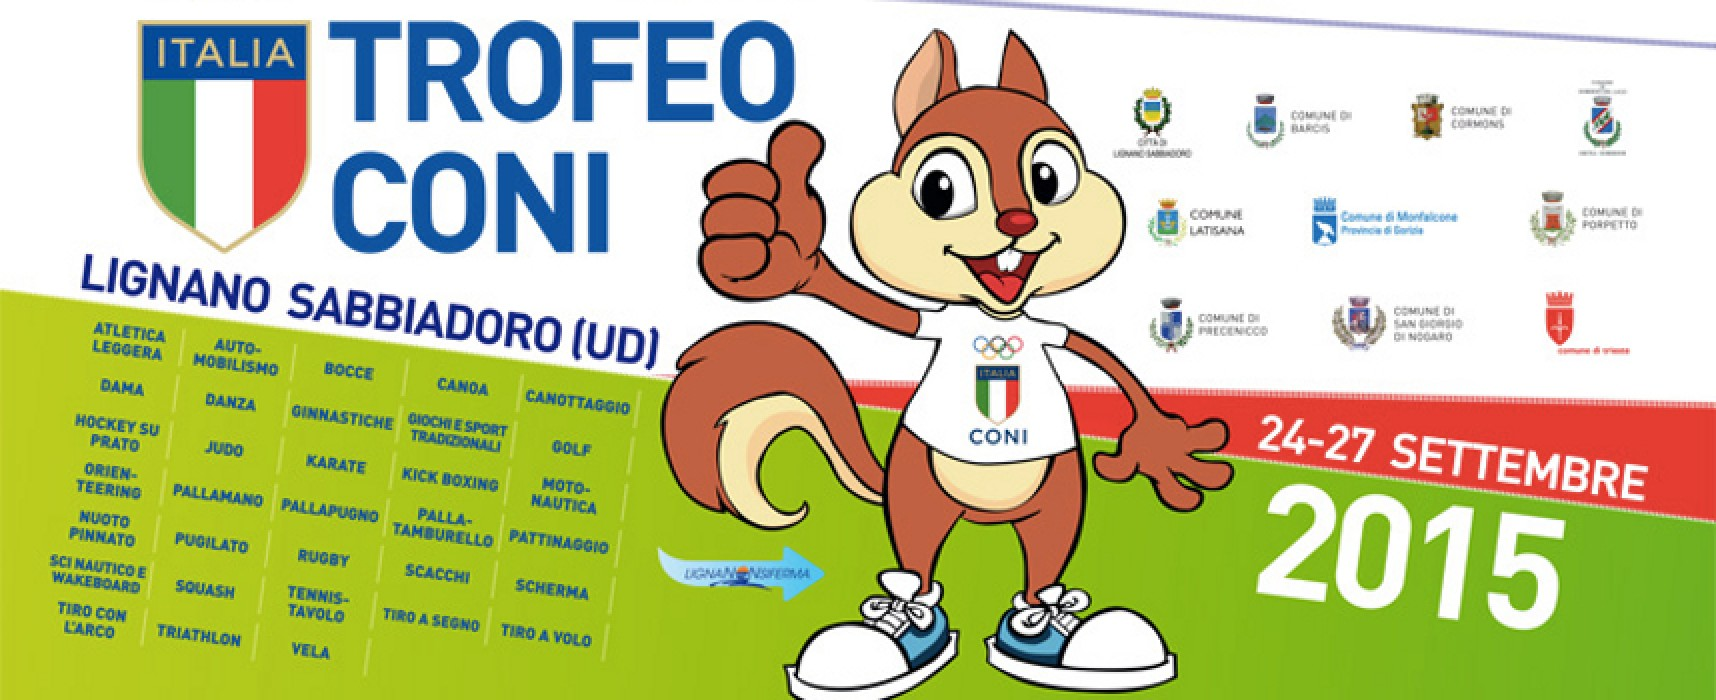 L'Iris rappresenterà la Puglia al Trofeo CONI 2015